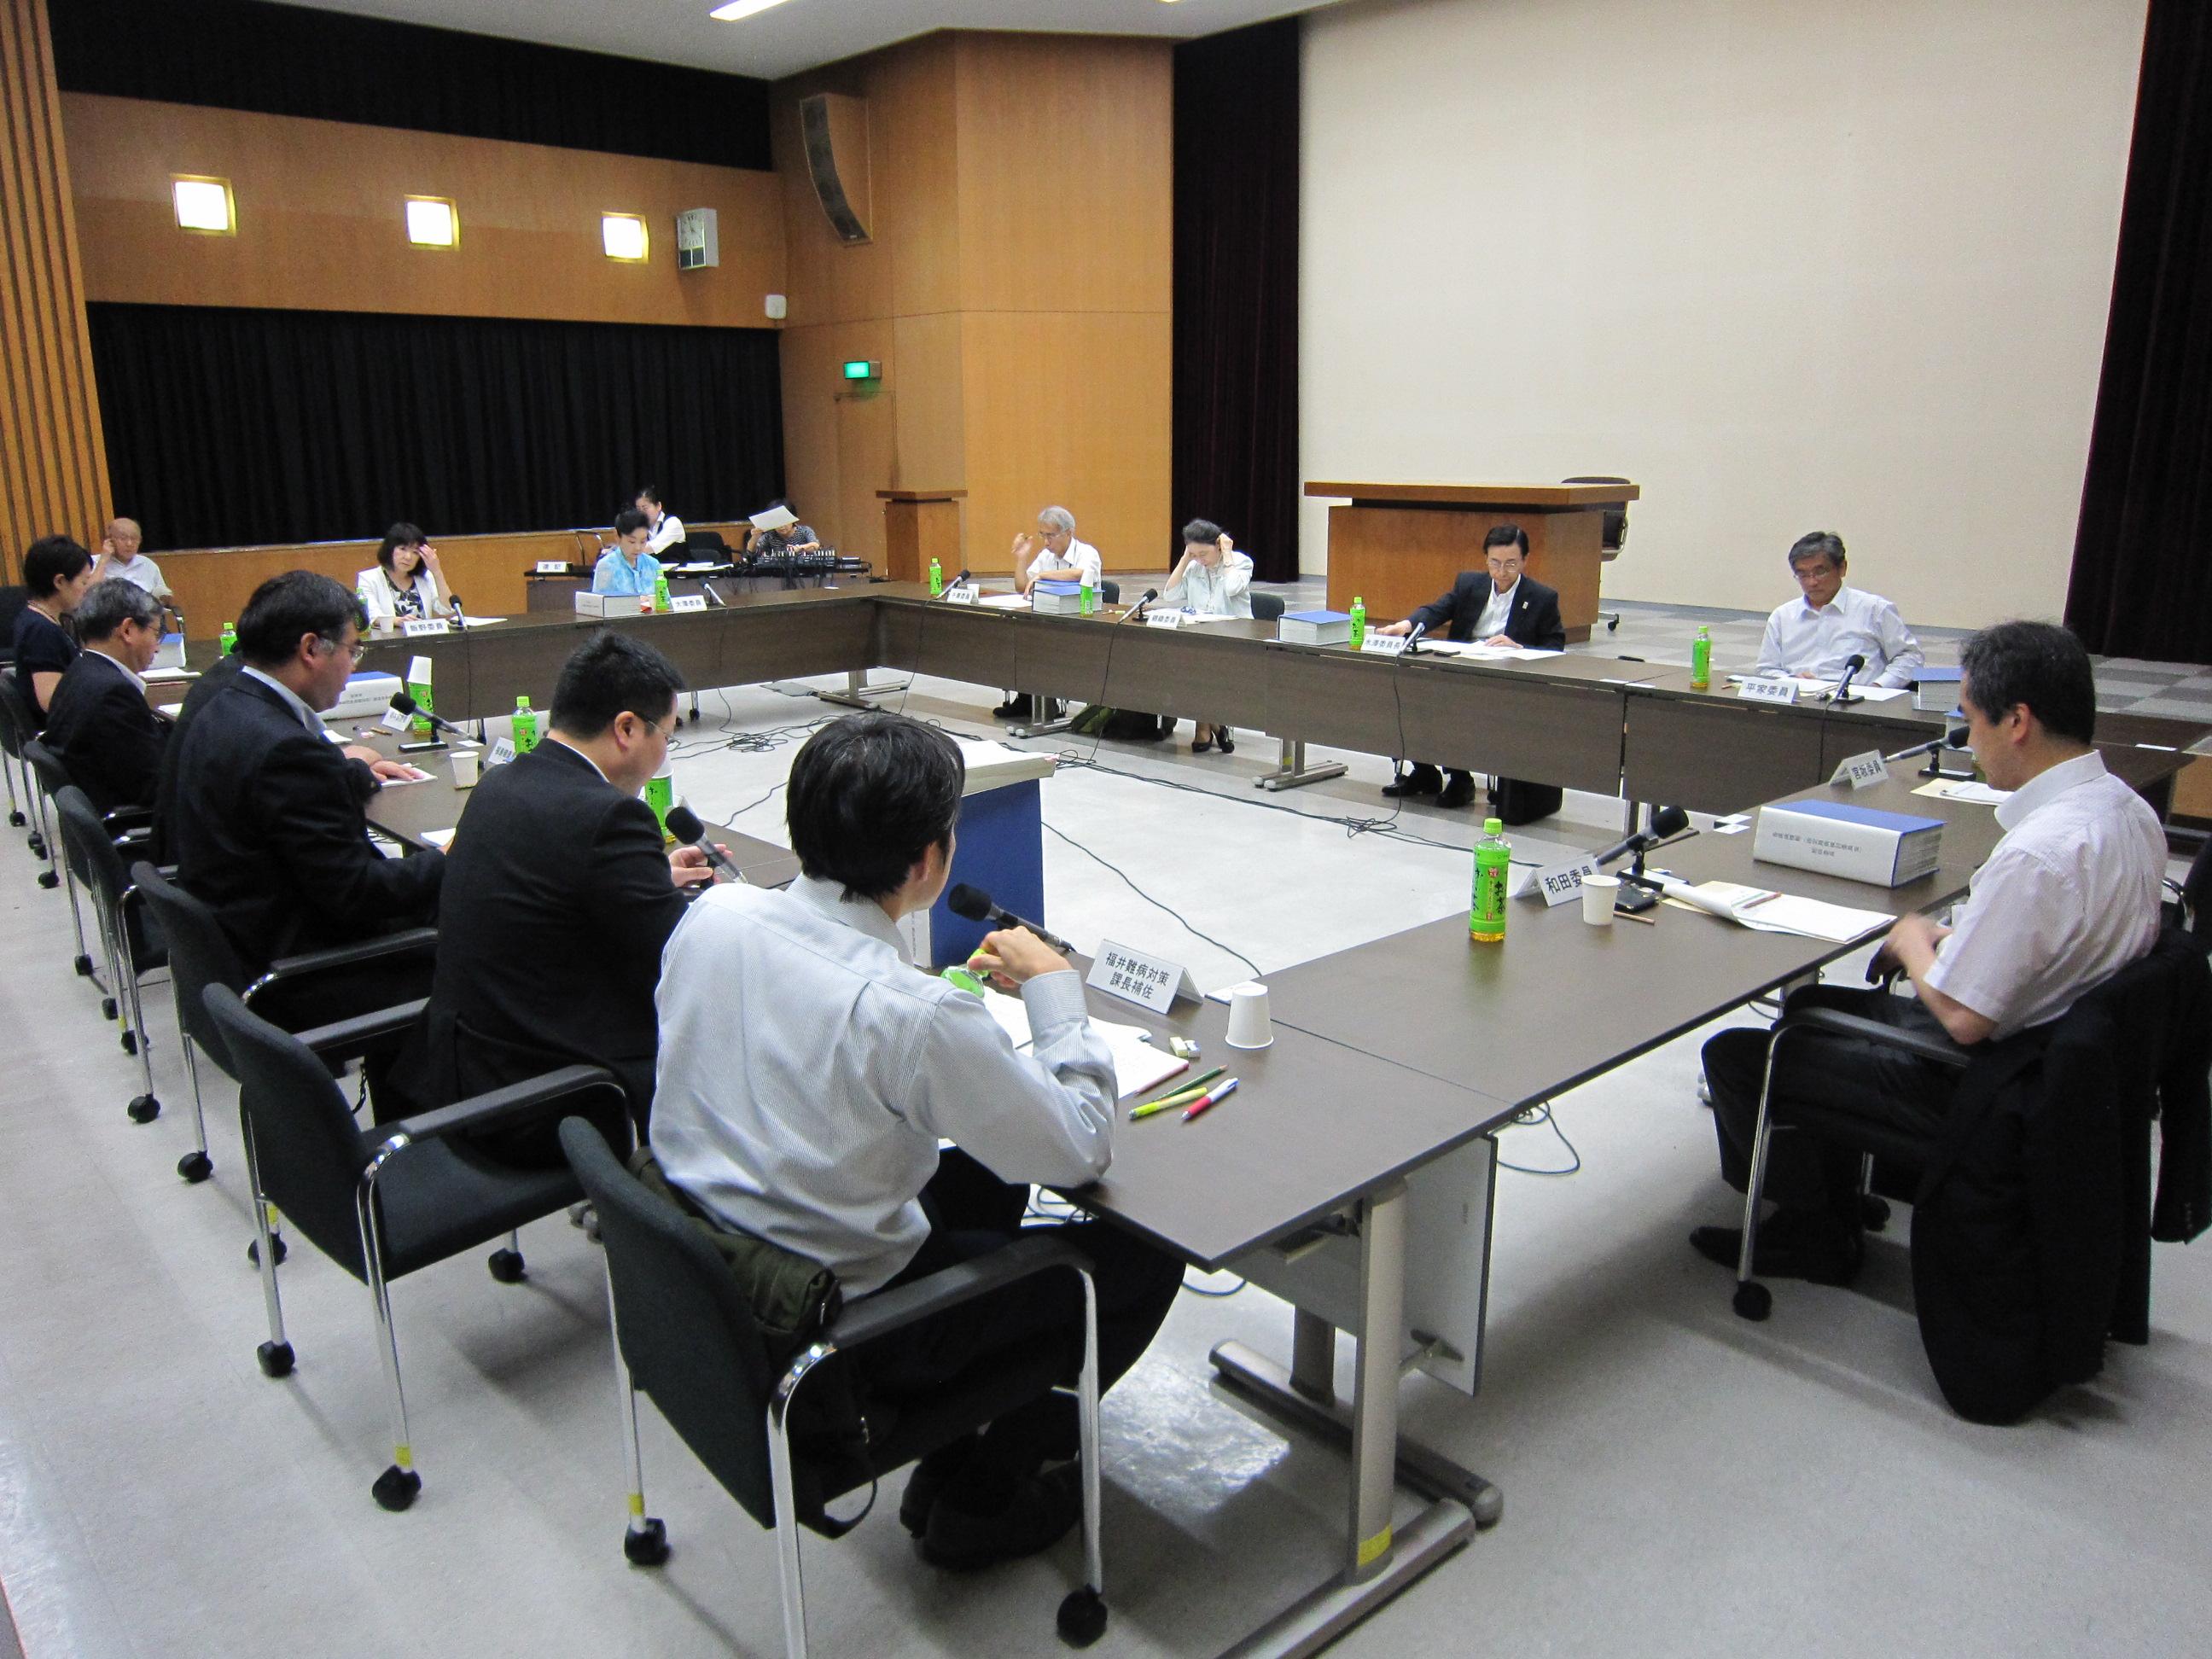 7月13日に開催された、「第15回 厚生科学審議会 疾病対策部会 指定難病検討委員会」